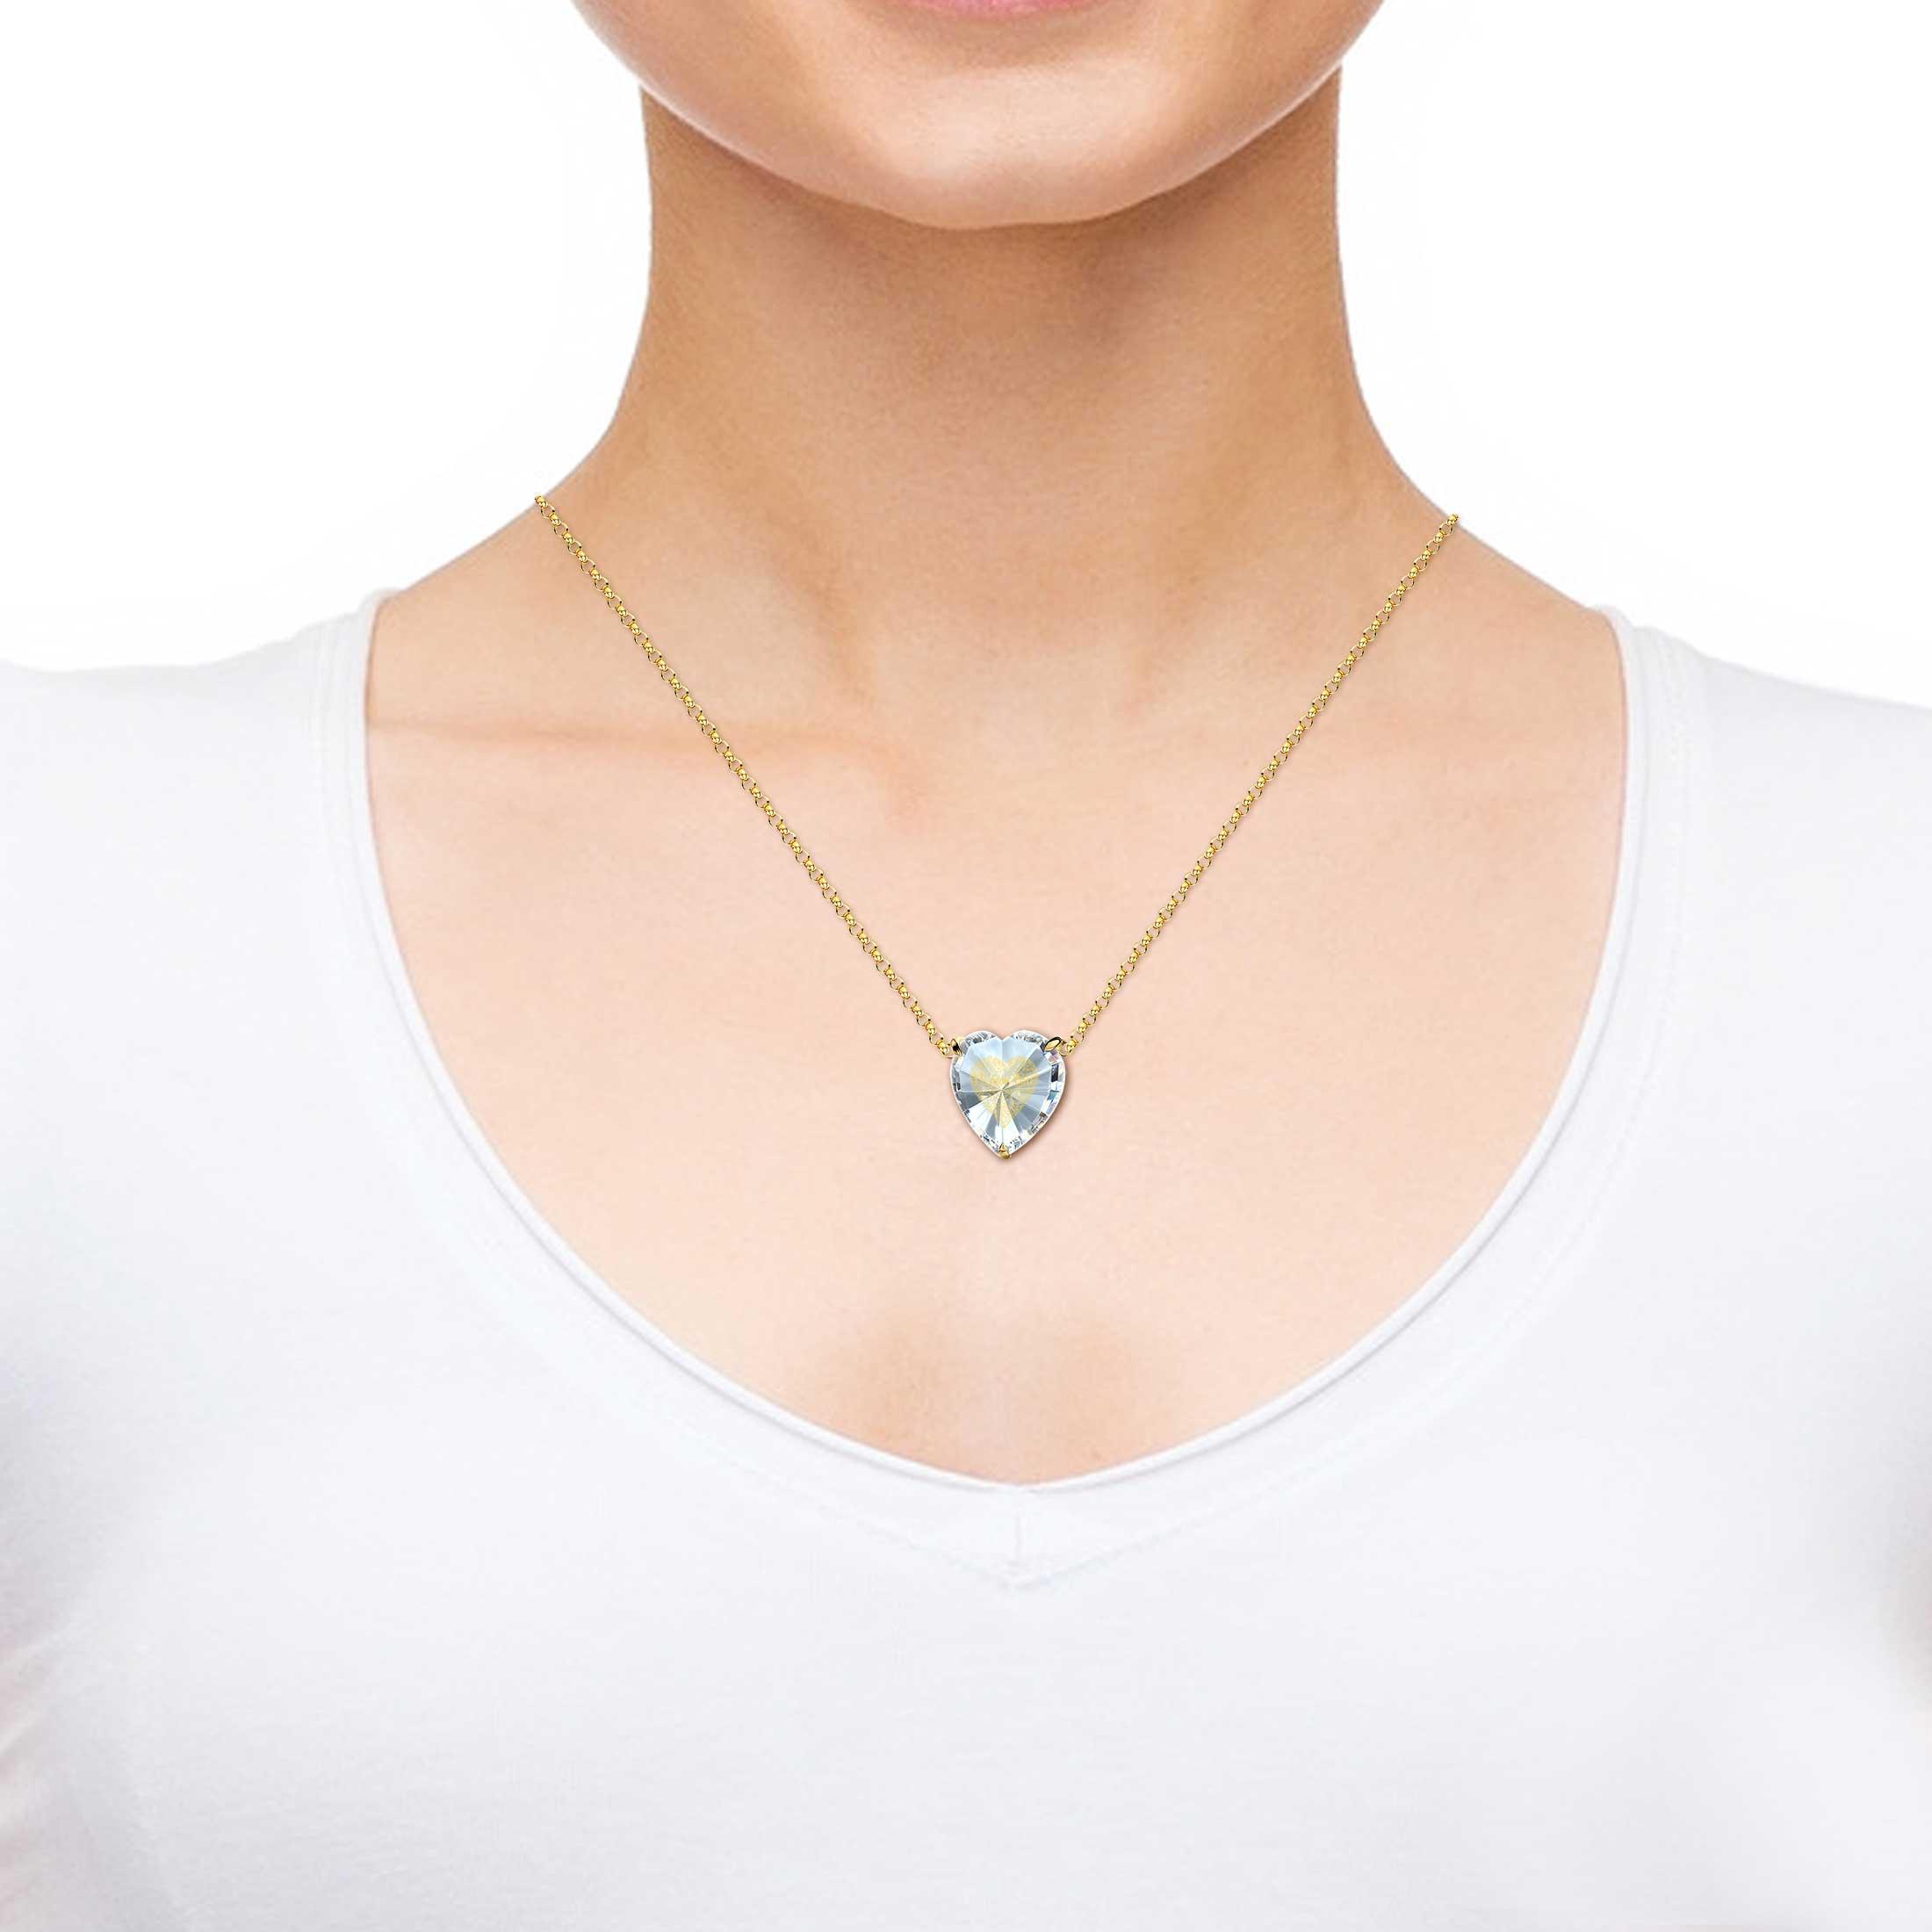 מתנת יום הולדת לאישה: תכשיטים לאישה, מתנה לוולנטיין, נאנו תכשיטים